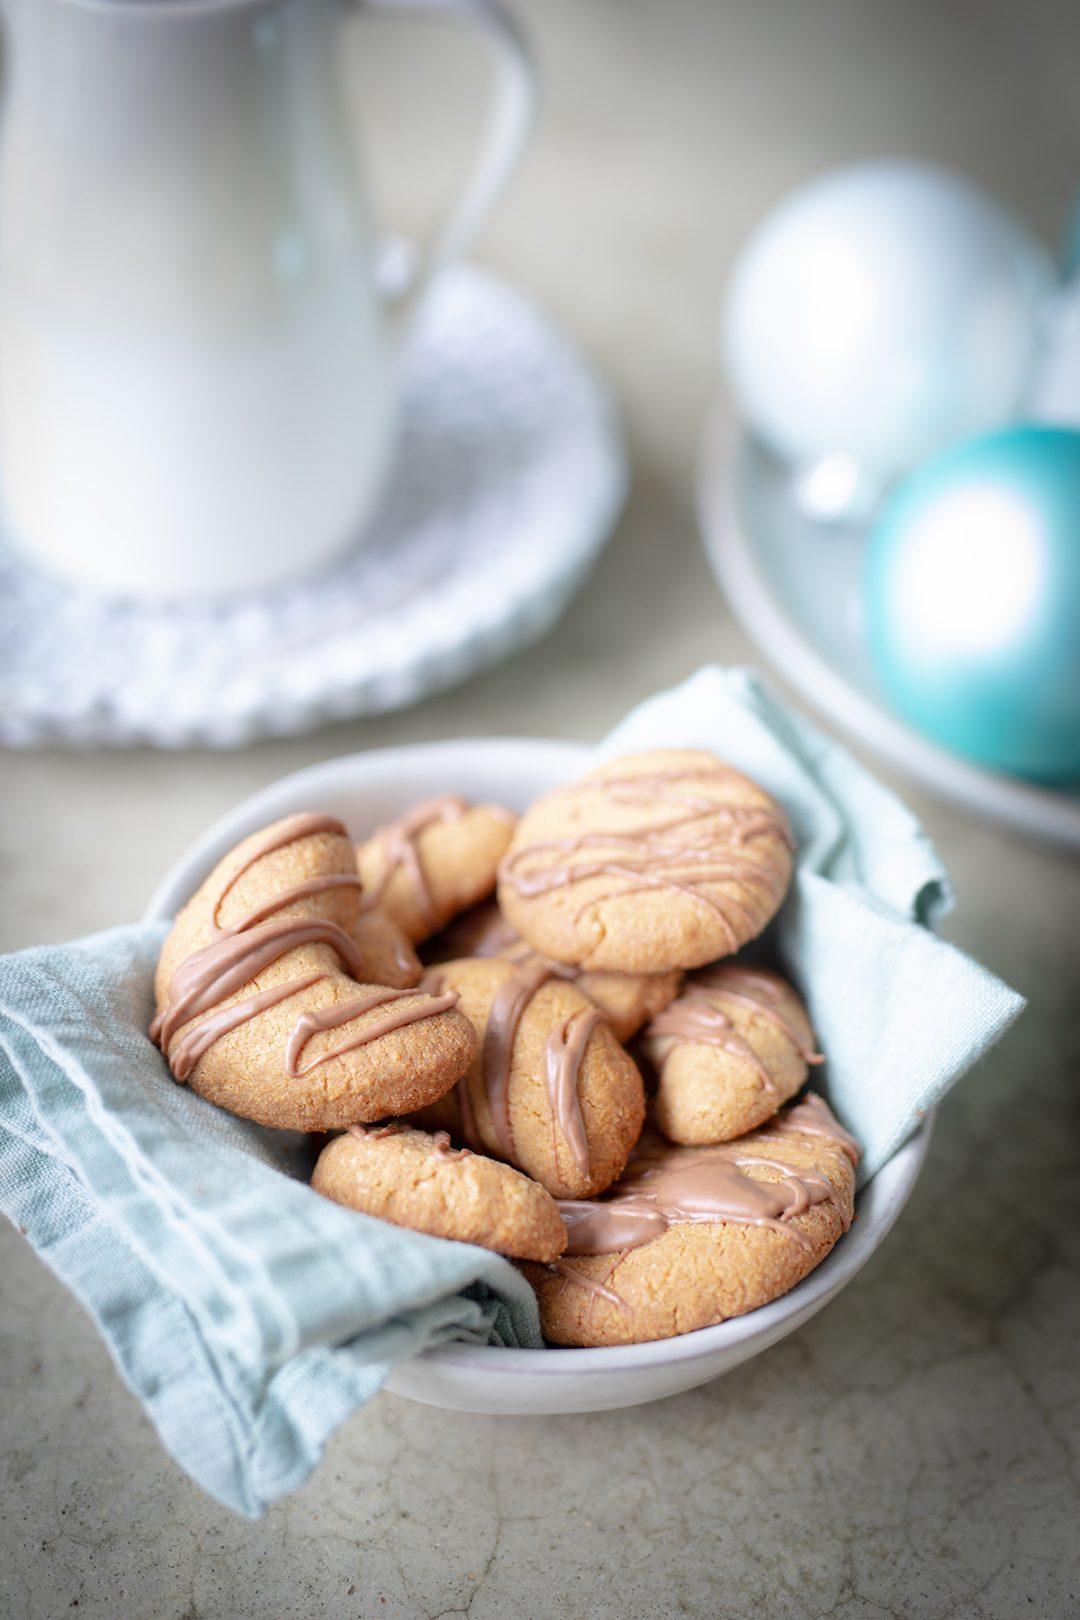 Gesunde zuckerfreie Vanille Kipferl mit Schokolade - glutenfrei, laktosefrei - Weihnachtgebach für Kinder und Familie